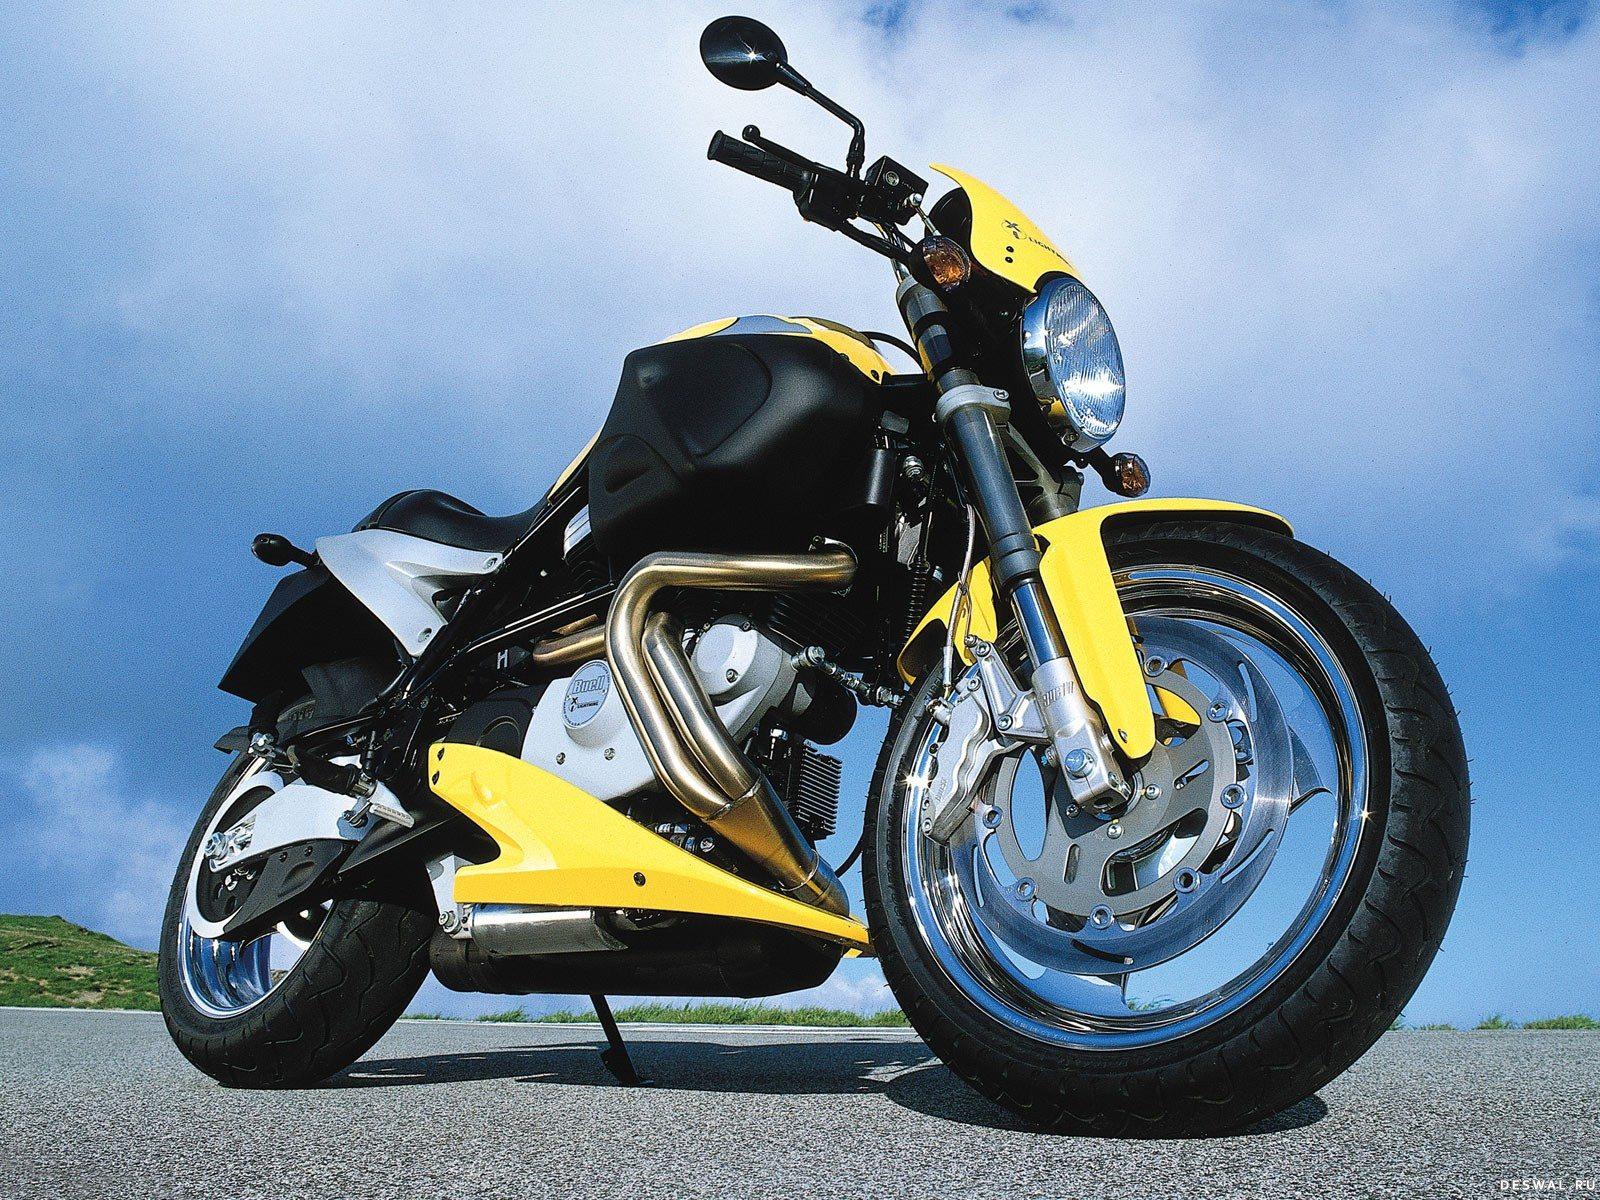 Мото Buell на замечательной картинке.. Нажмите на картинку с обоями мотоцикла buell, чтобы просмотреть ее в реальном размере